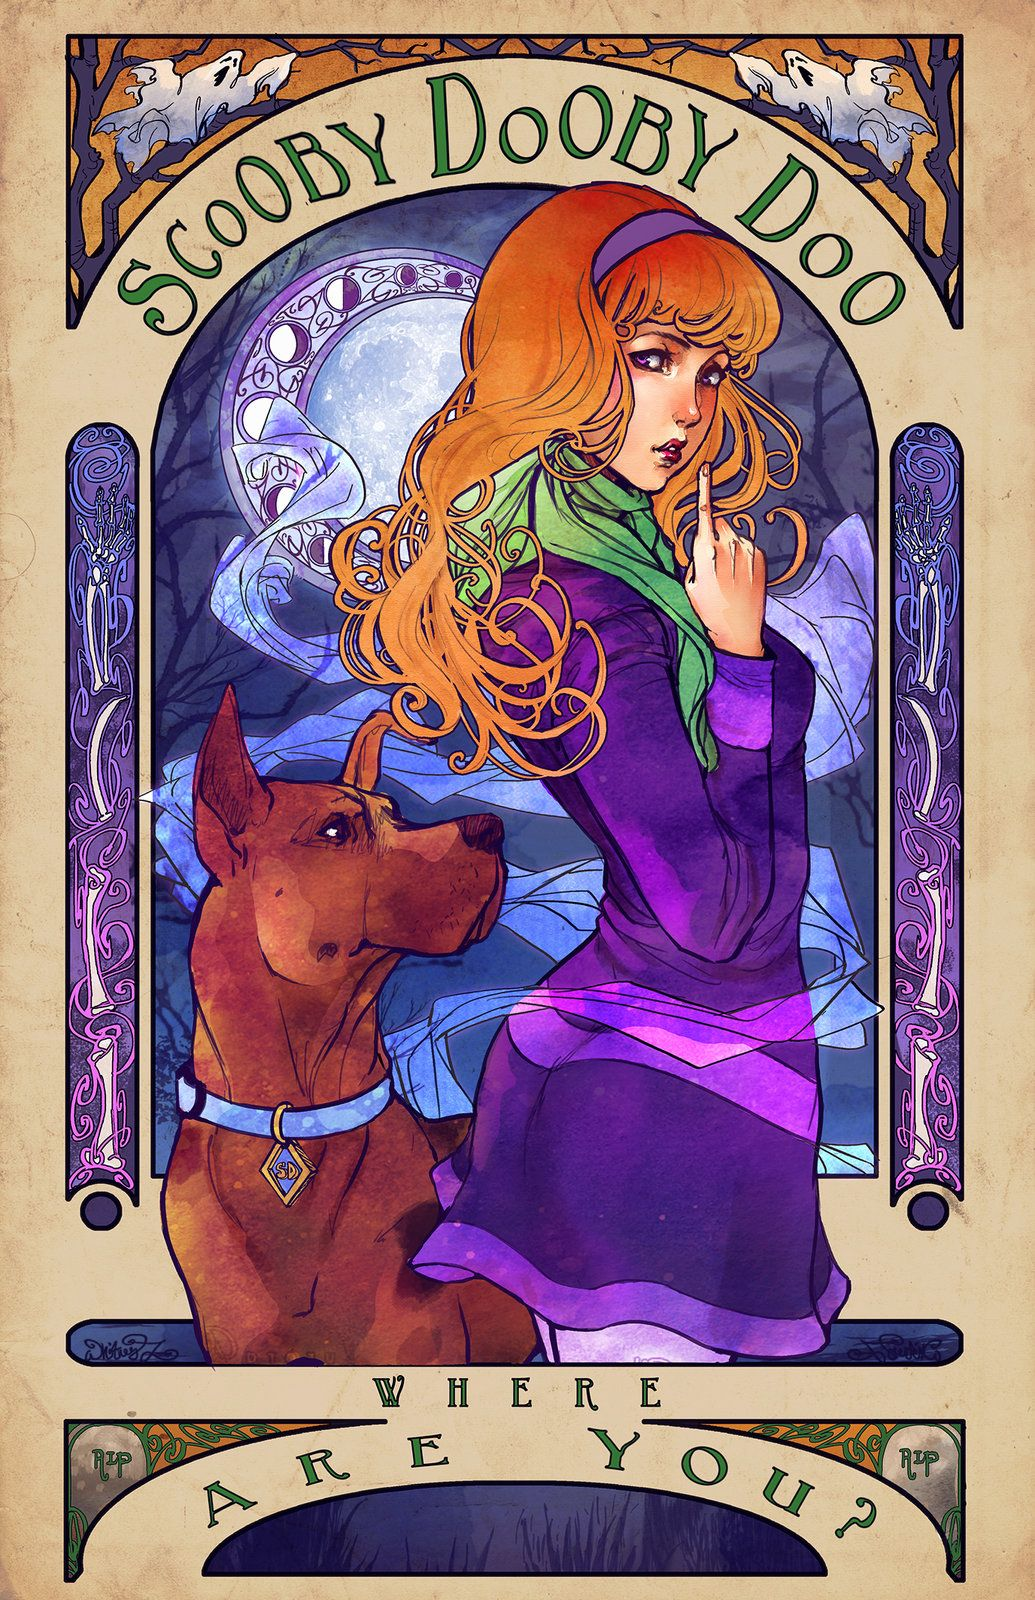 Scooby Dooby Mucha Whitney Lanier On Artstation At Https Www